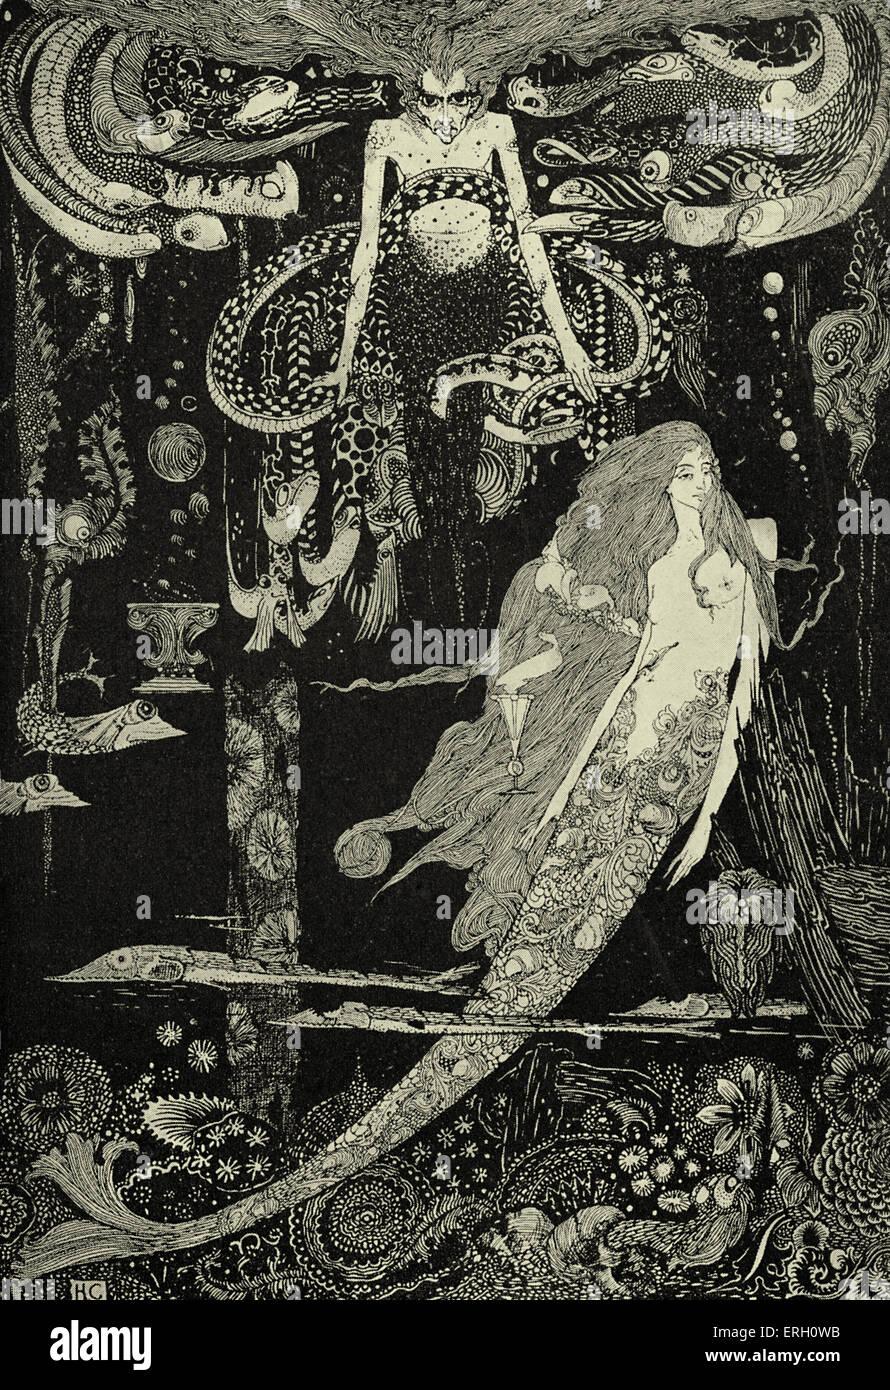 """La petite sirène de Hans Christian Andersen. Légende: """"Je sais ce que vous voulez"""", dit la sorcière de la mer. Banque D'Images"""